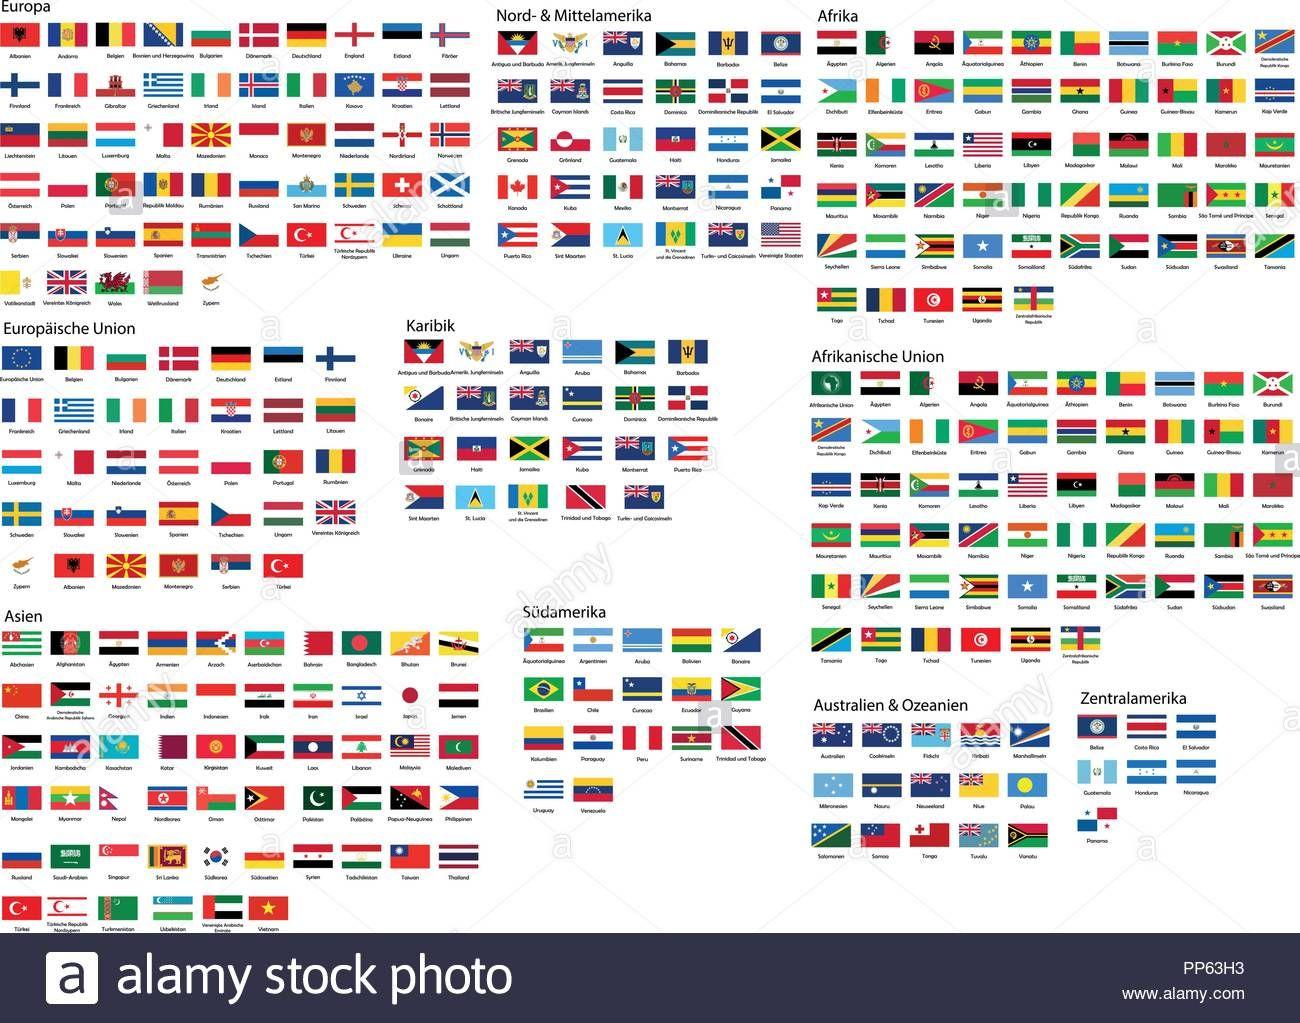 Diese Stock Vektorgrafik Herunterladen Alle Nationalen Flaggen Der Welt Mit Namen In Hoher Qualitat Pp63h3 Aus Der Alamy Bibli Flaggen Der Welt Flaggen Welt